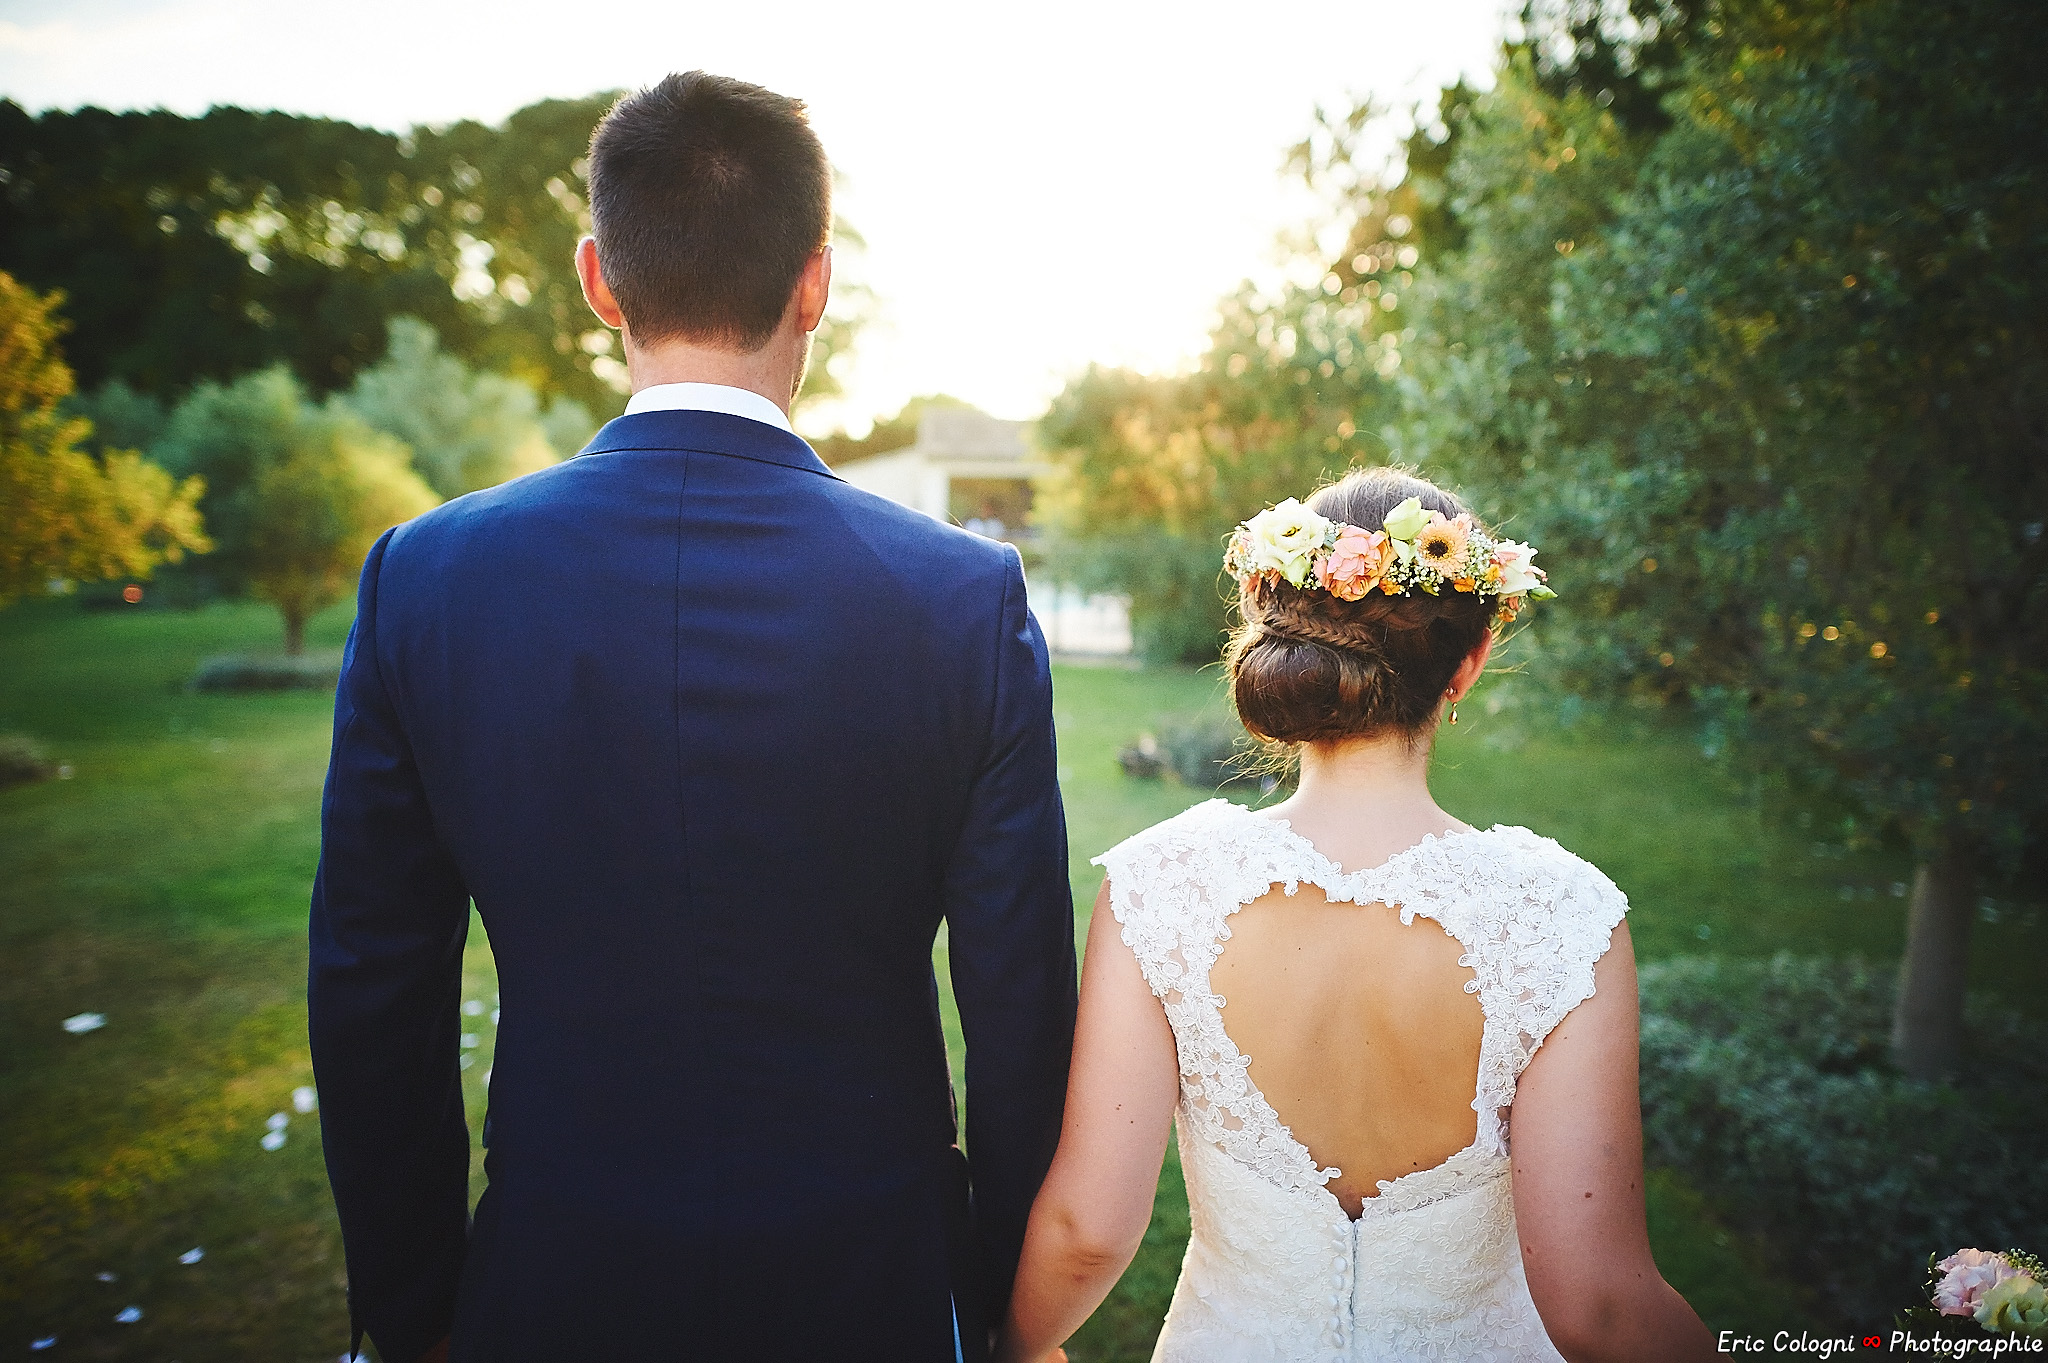 liste de mariage printemps zankyou la marie sous les etoiles - Zankyou Liste De Mariage